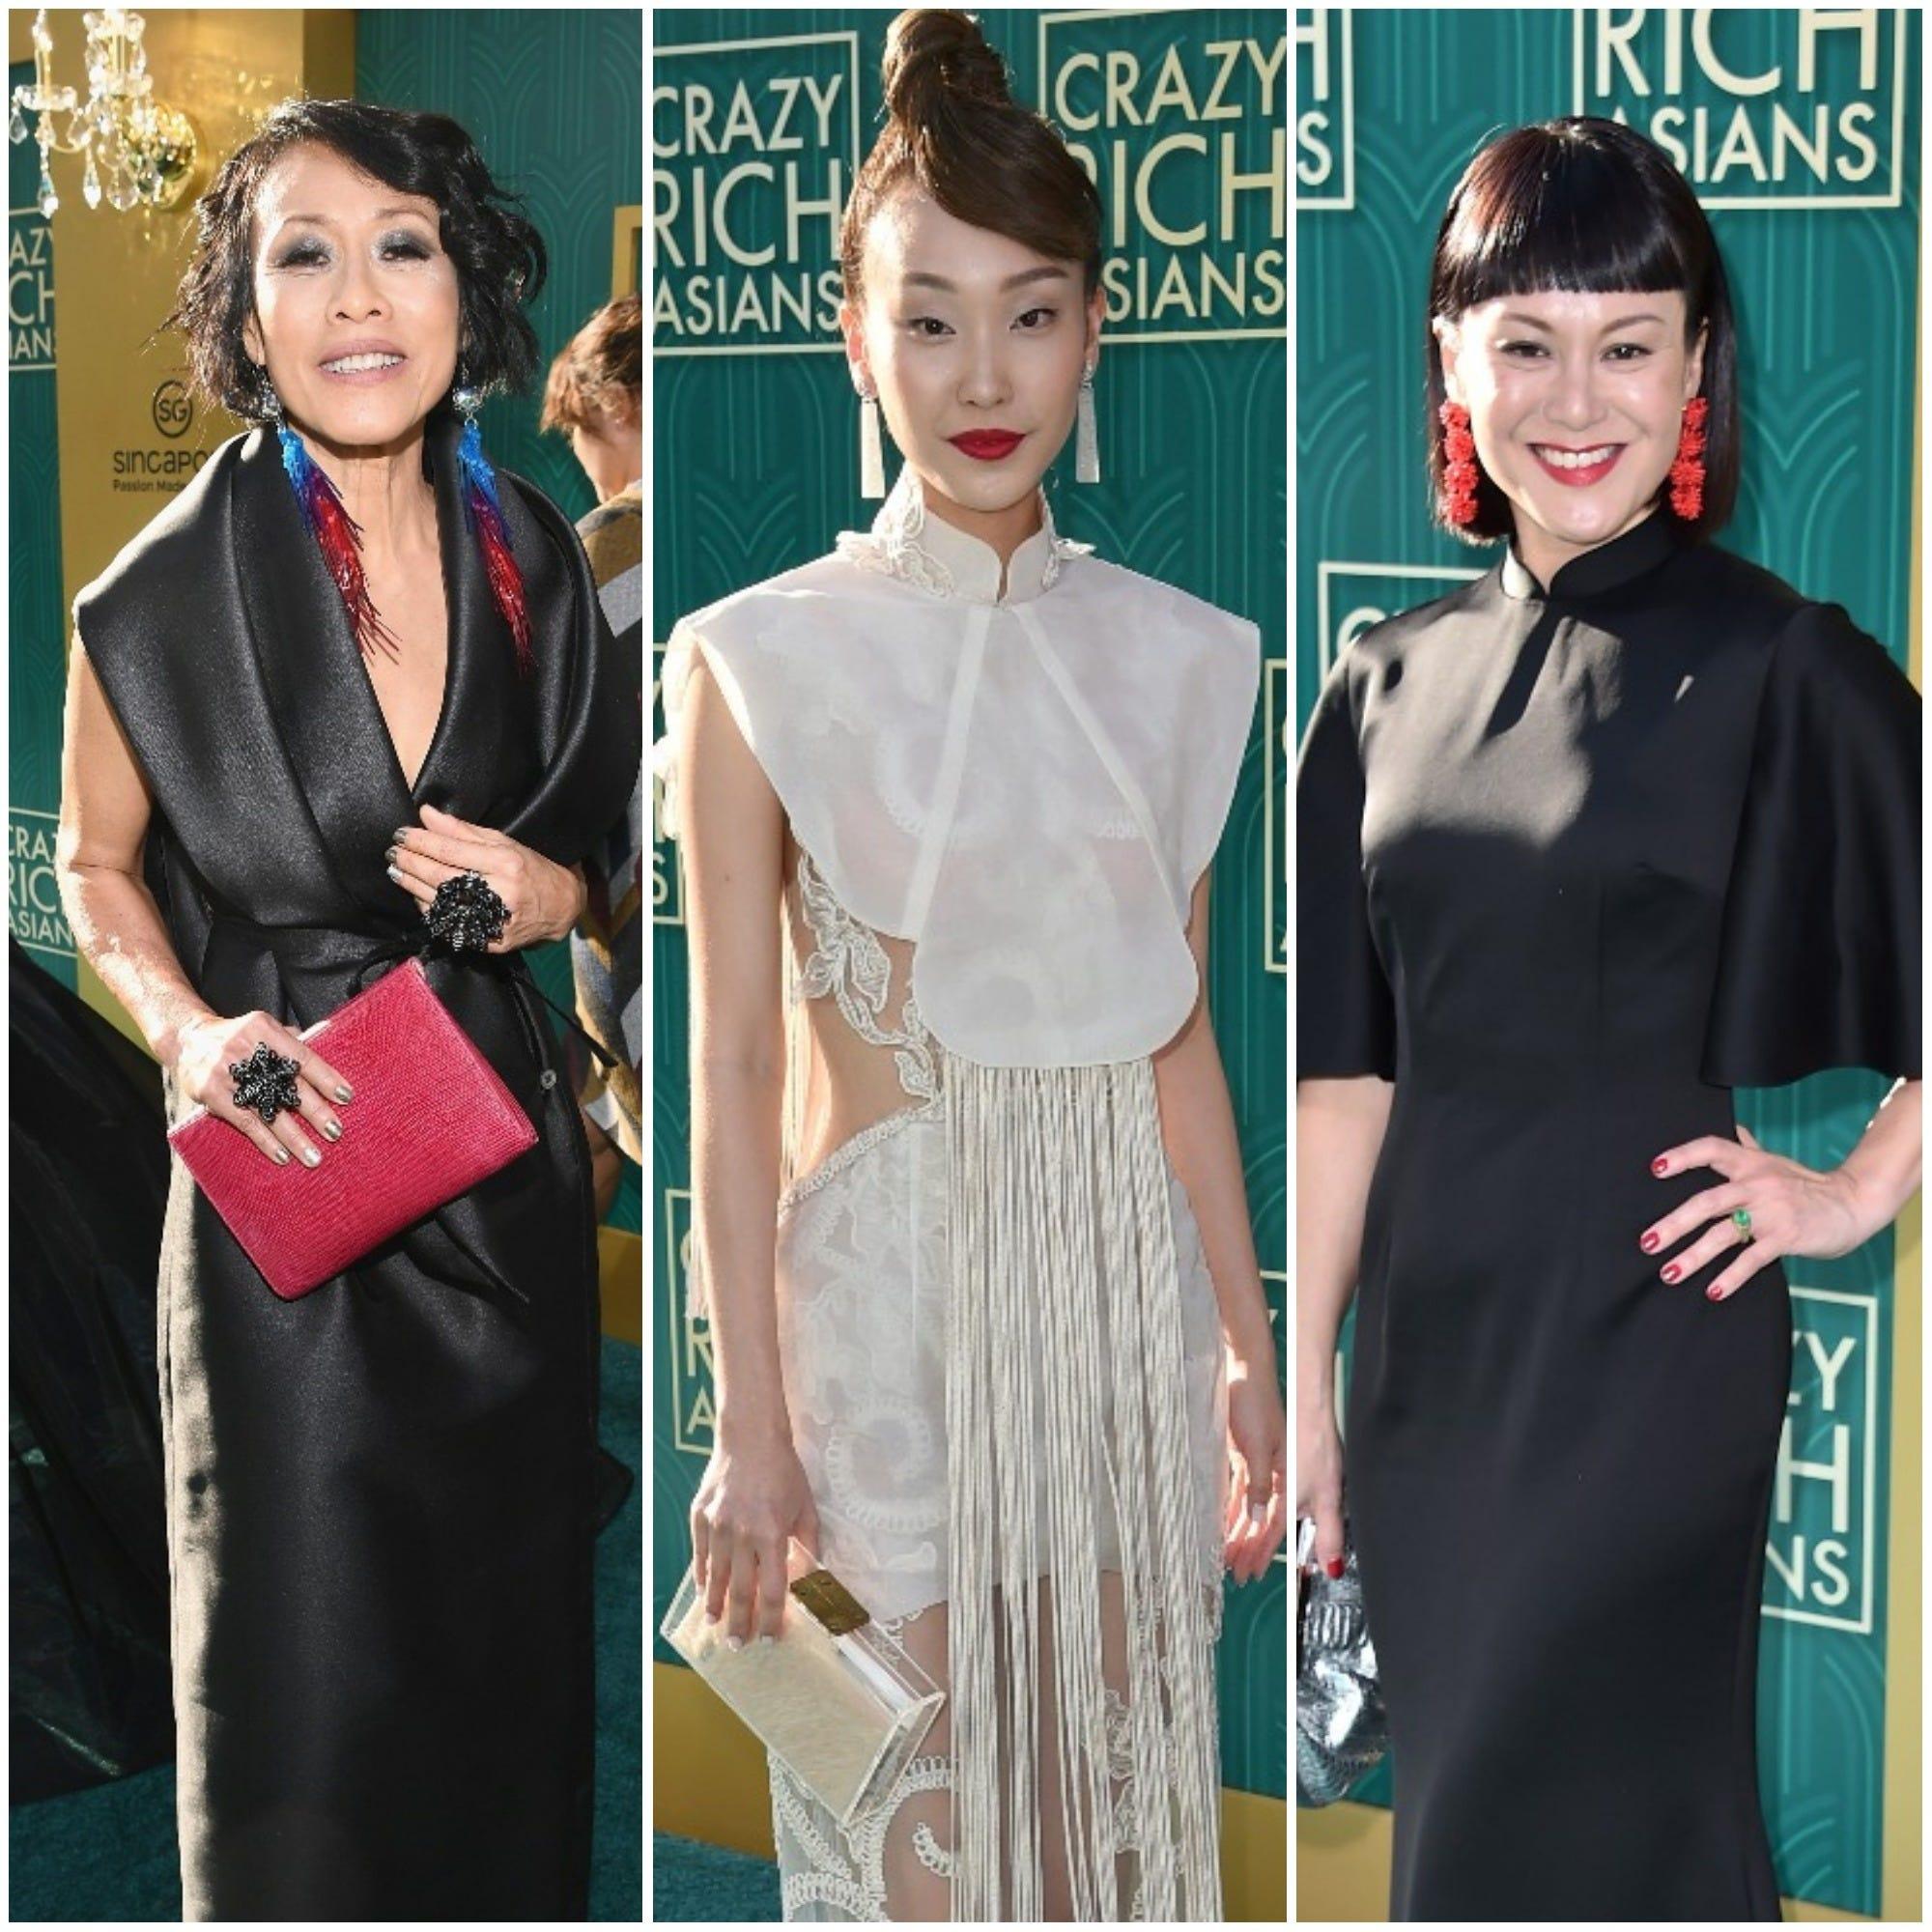 'Crazy Rich Asians' premiere fashion: Asian designs shine on couture carpet